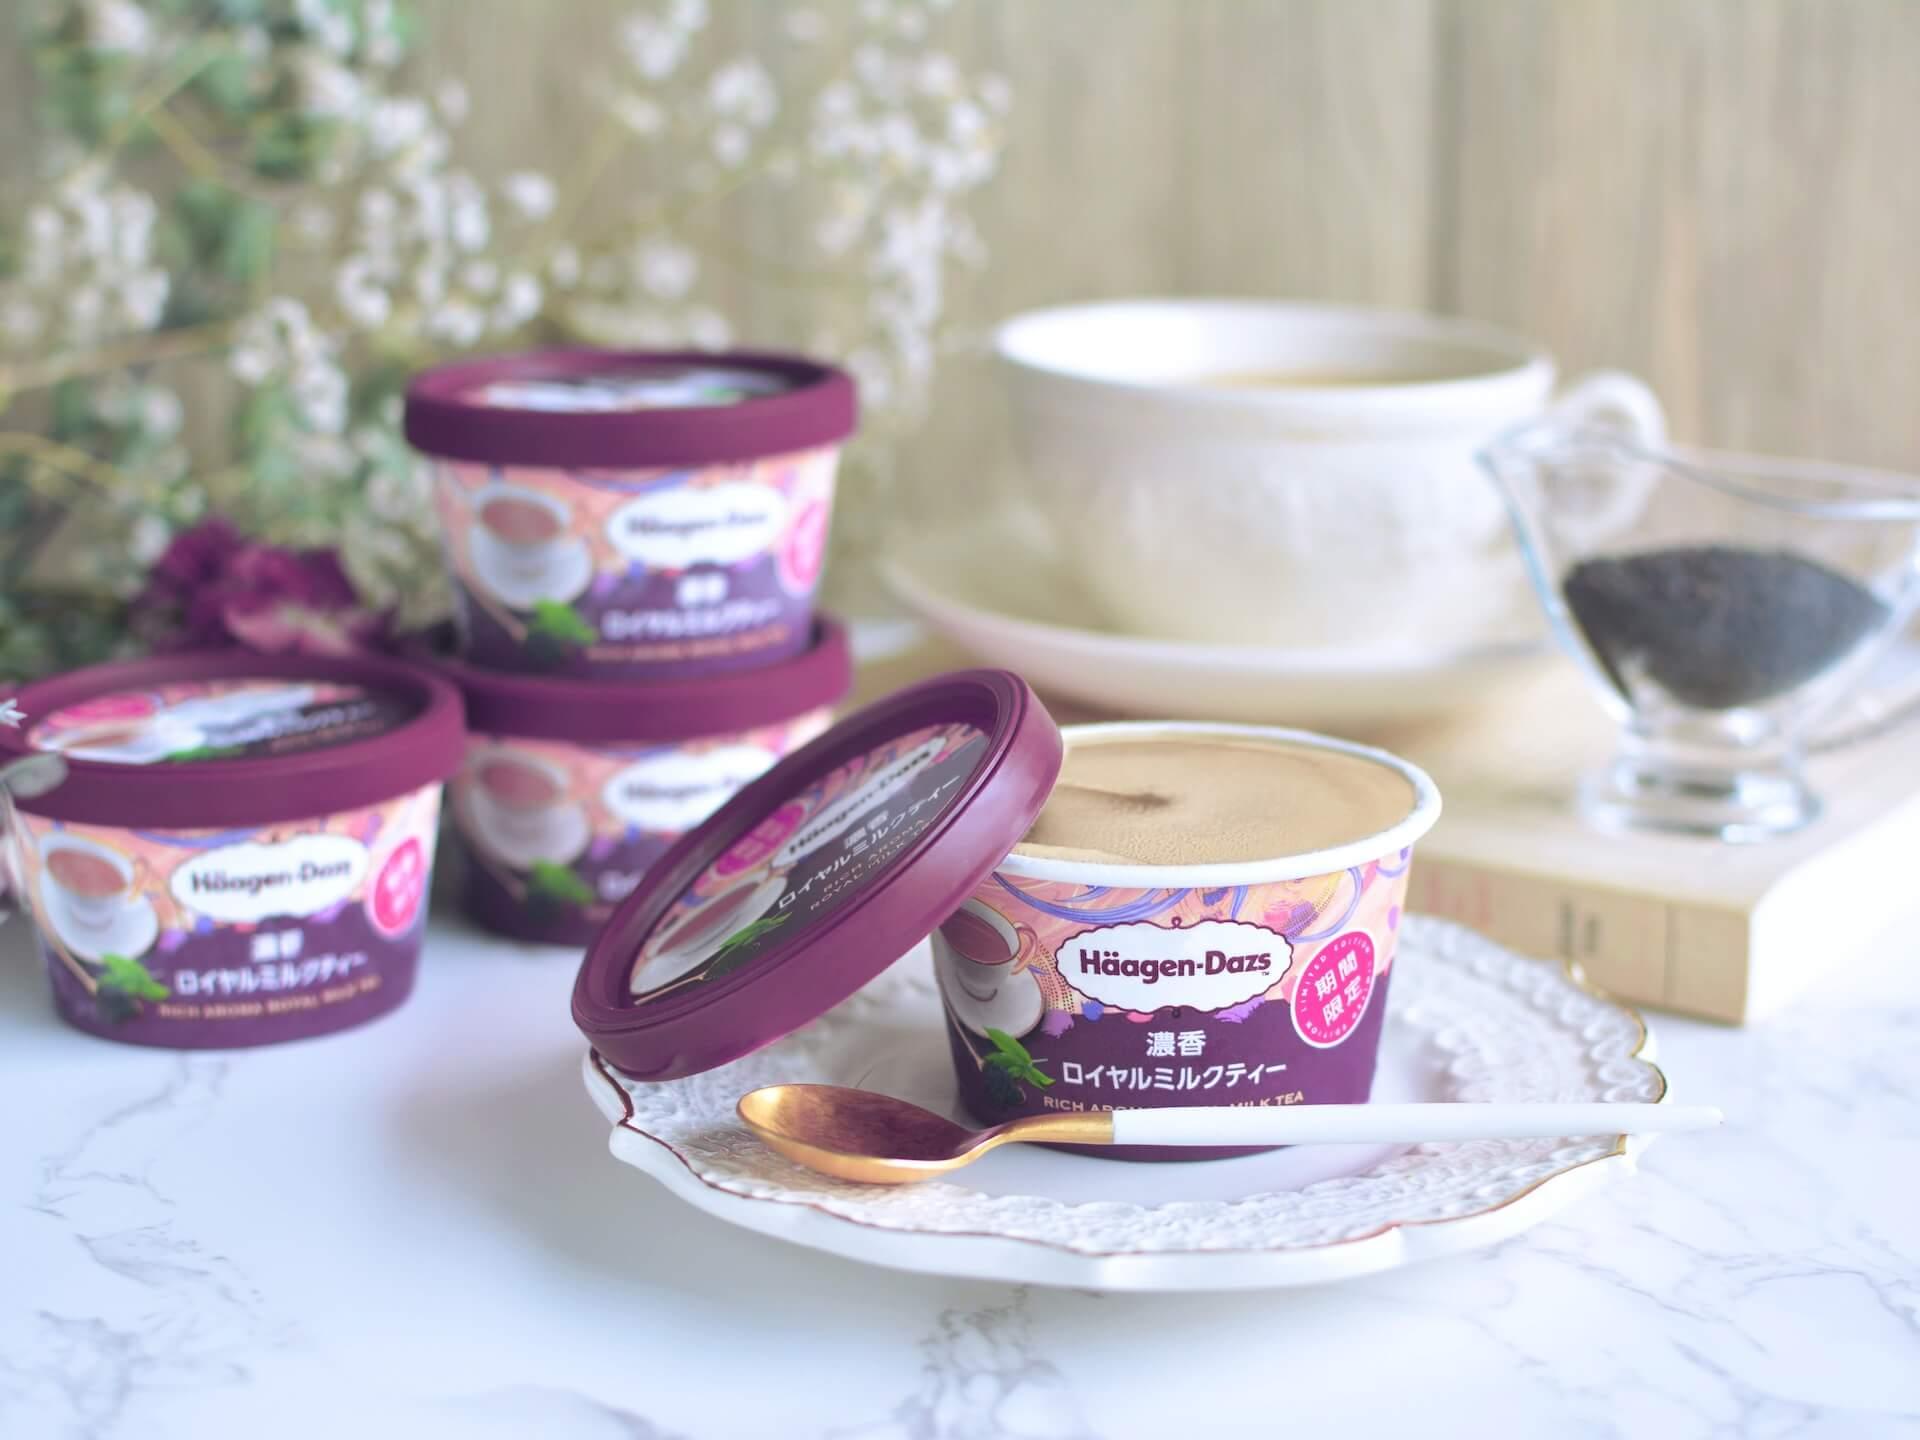 今度のハーゲンダッツは濃く香るロイヤルミルクティー!ミニカップ『濃香ロイヤルミルクティー』が期間限定発売 gourmet210524_haagendazs_2